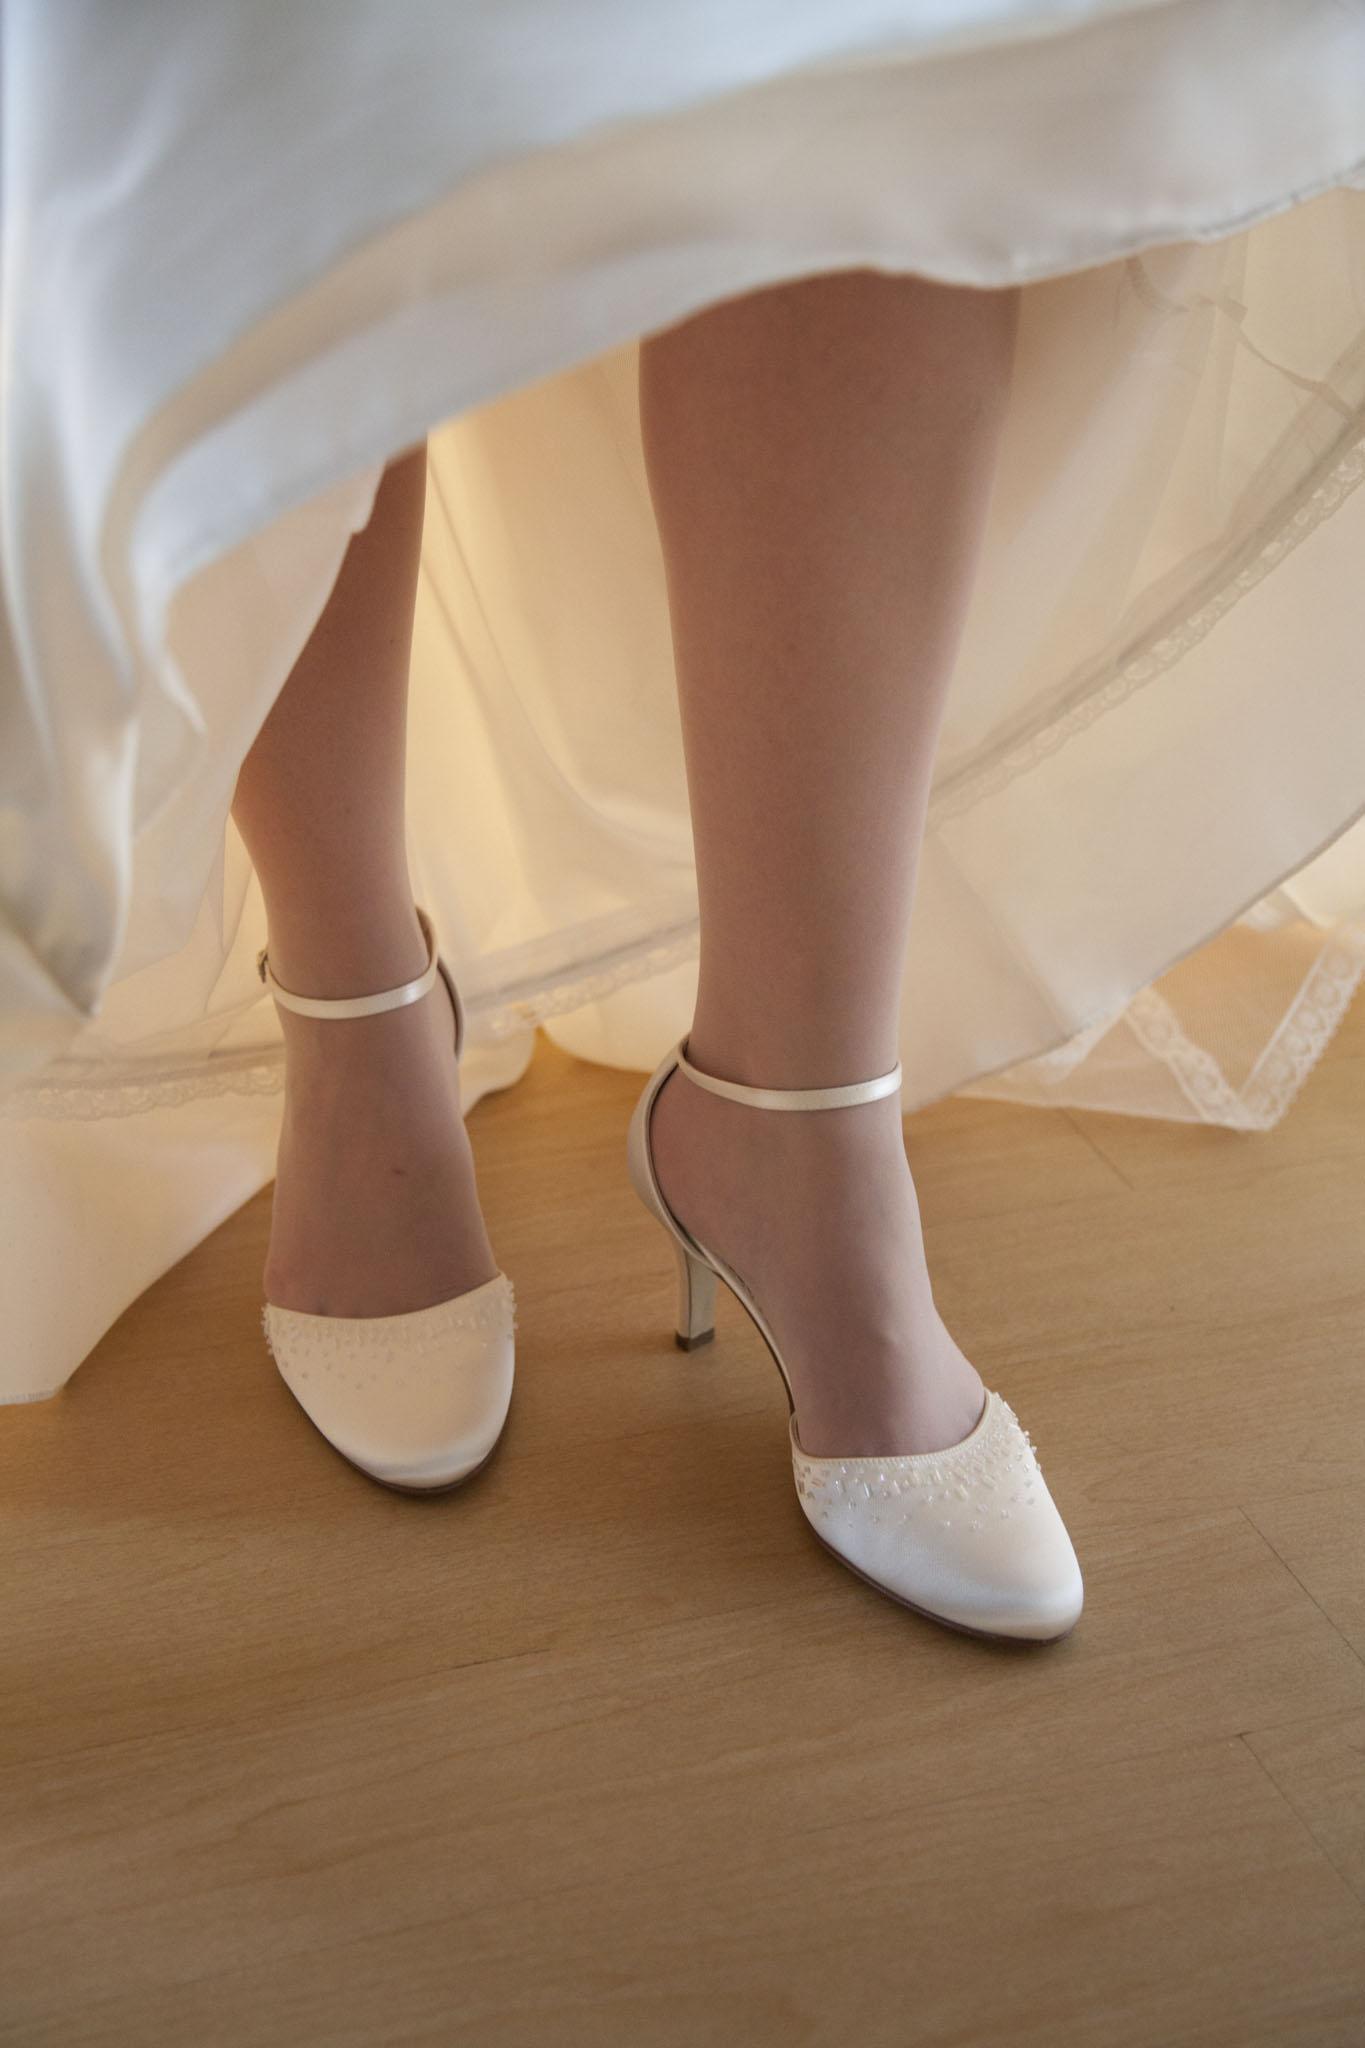 Weiße Damenschuhe mit Absatz unter dem Brautkleid.